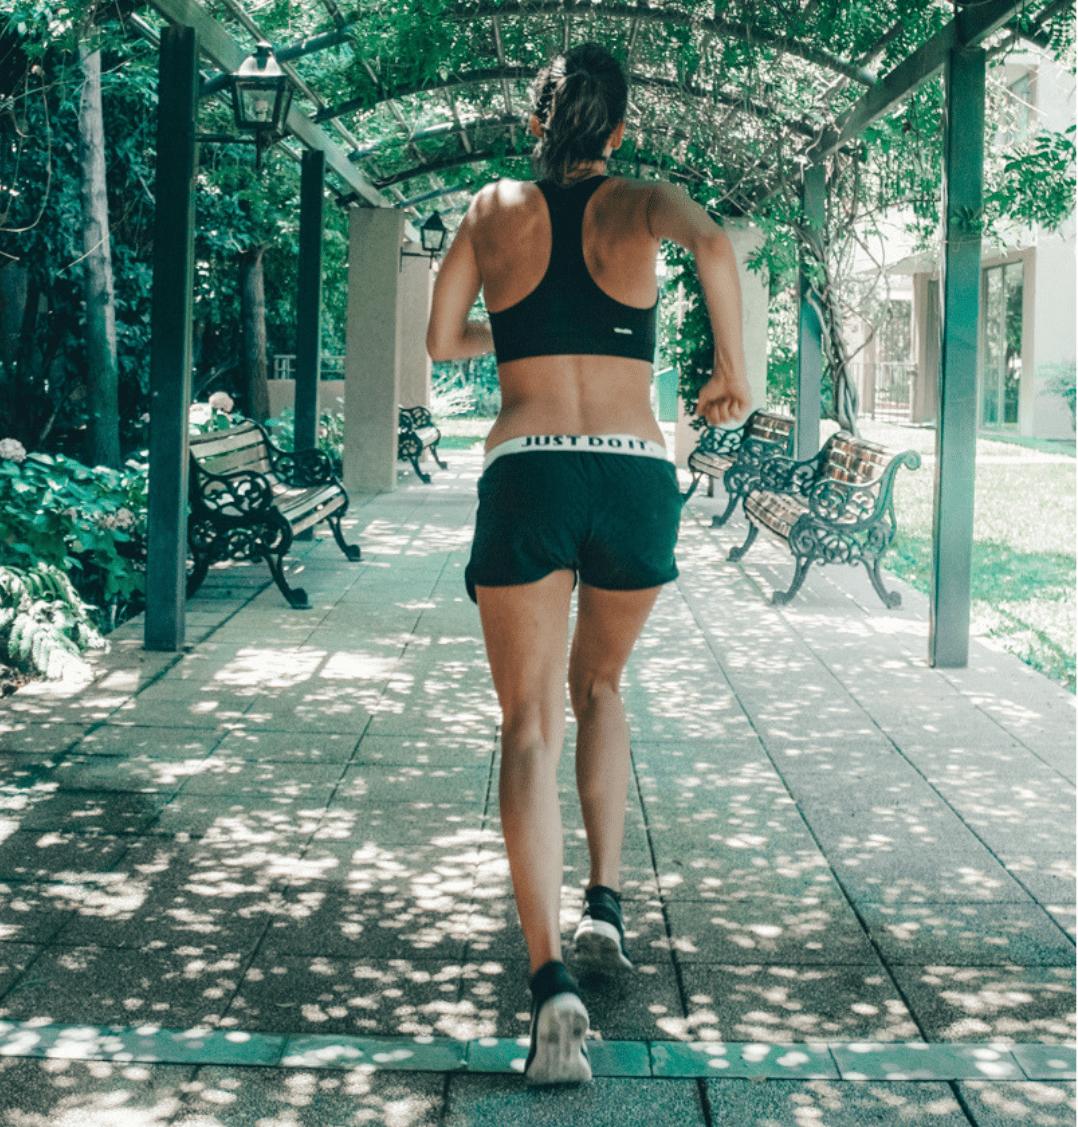 Woman Workingout body